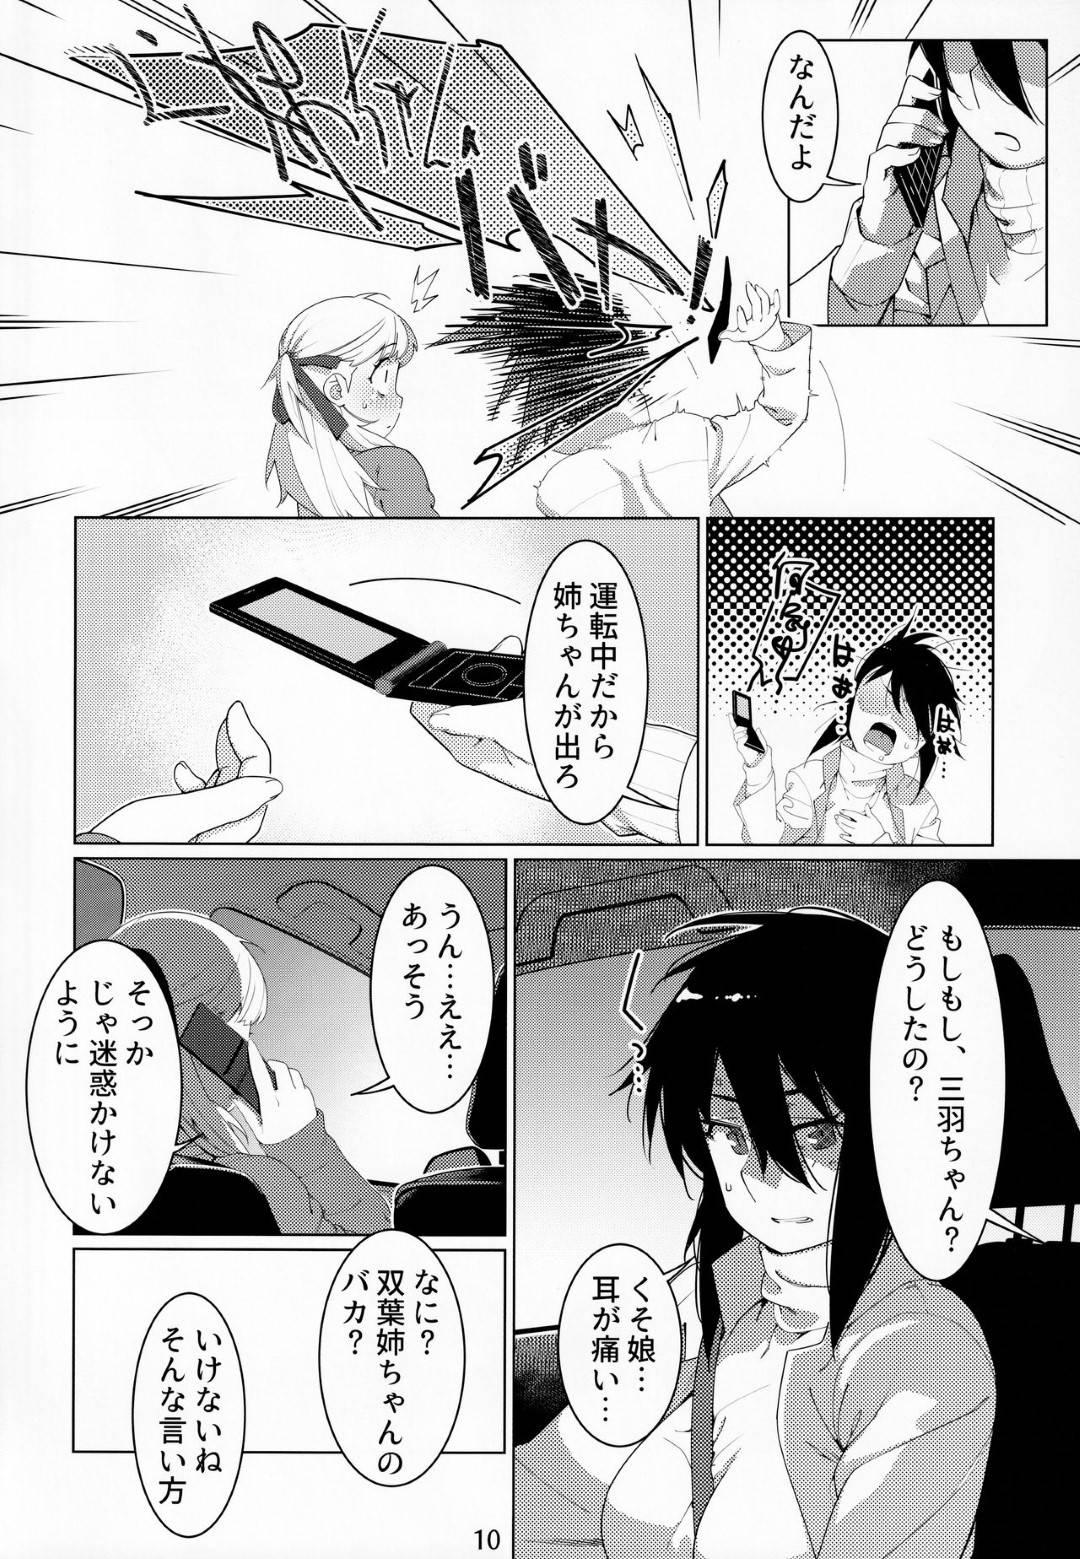 【ふたなり百合エロ漫画】お互いのチンコを素股しあう姉妹はある日間違いでチンコを挿入してしまう【広川】